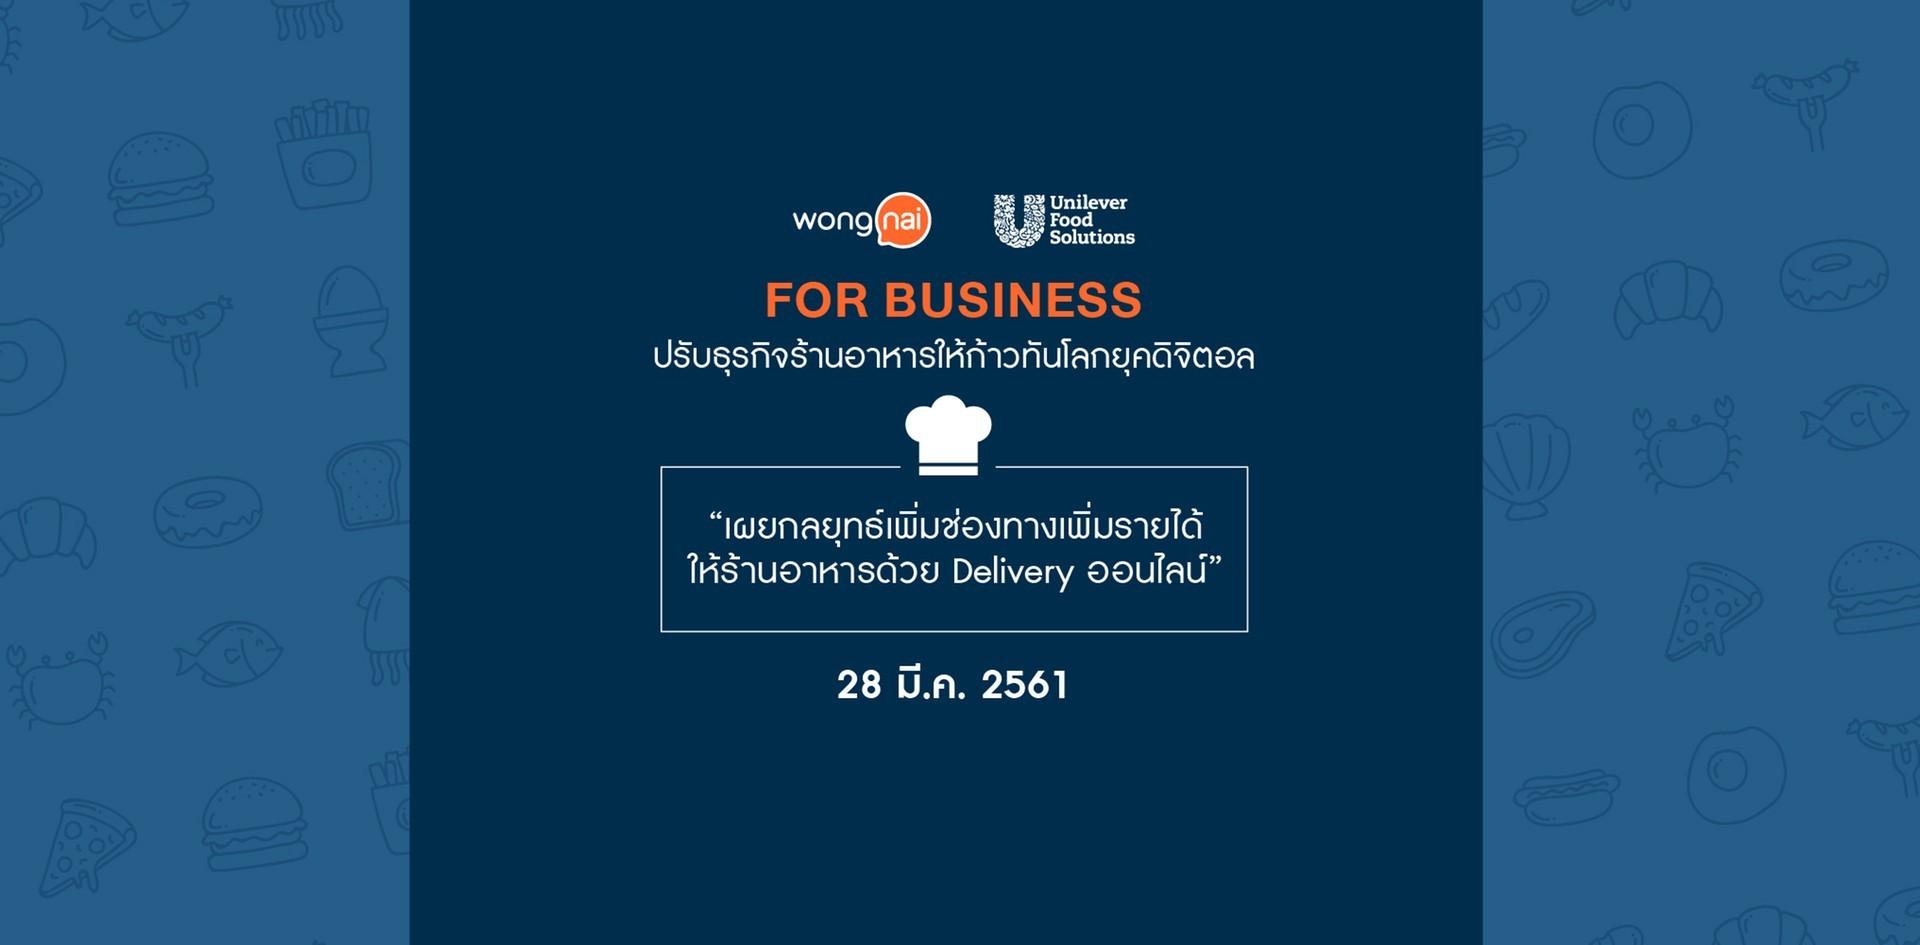 """วงในสัมมนาร้านอาหาร """"ปรับธุรกิจร้านอาหารให้ก้าวทันโลกยุคดิจิตอล #24"""